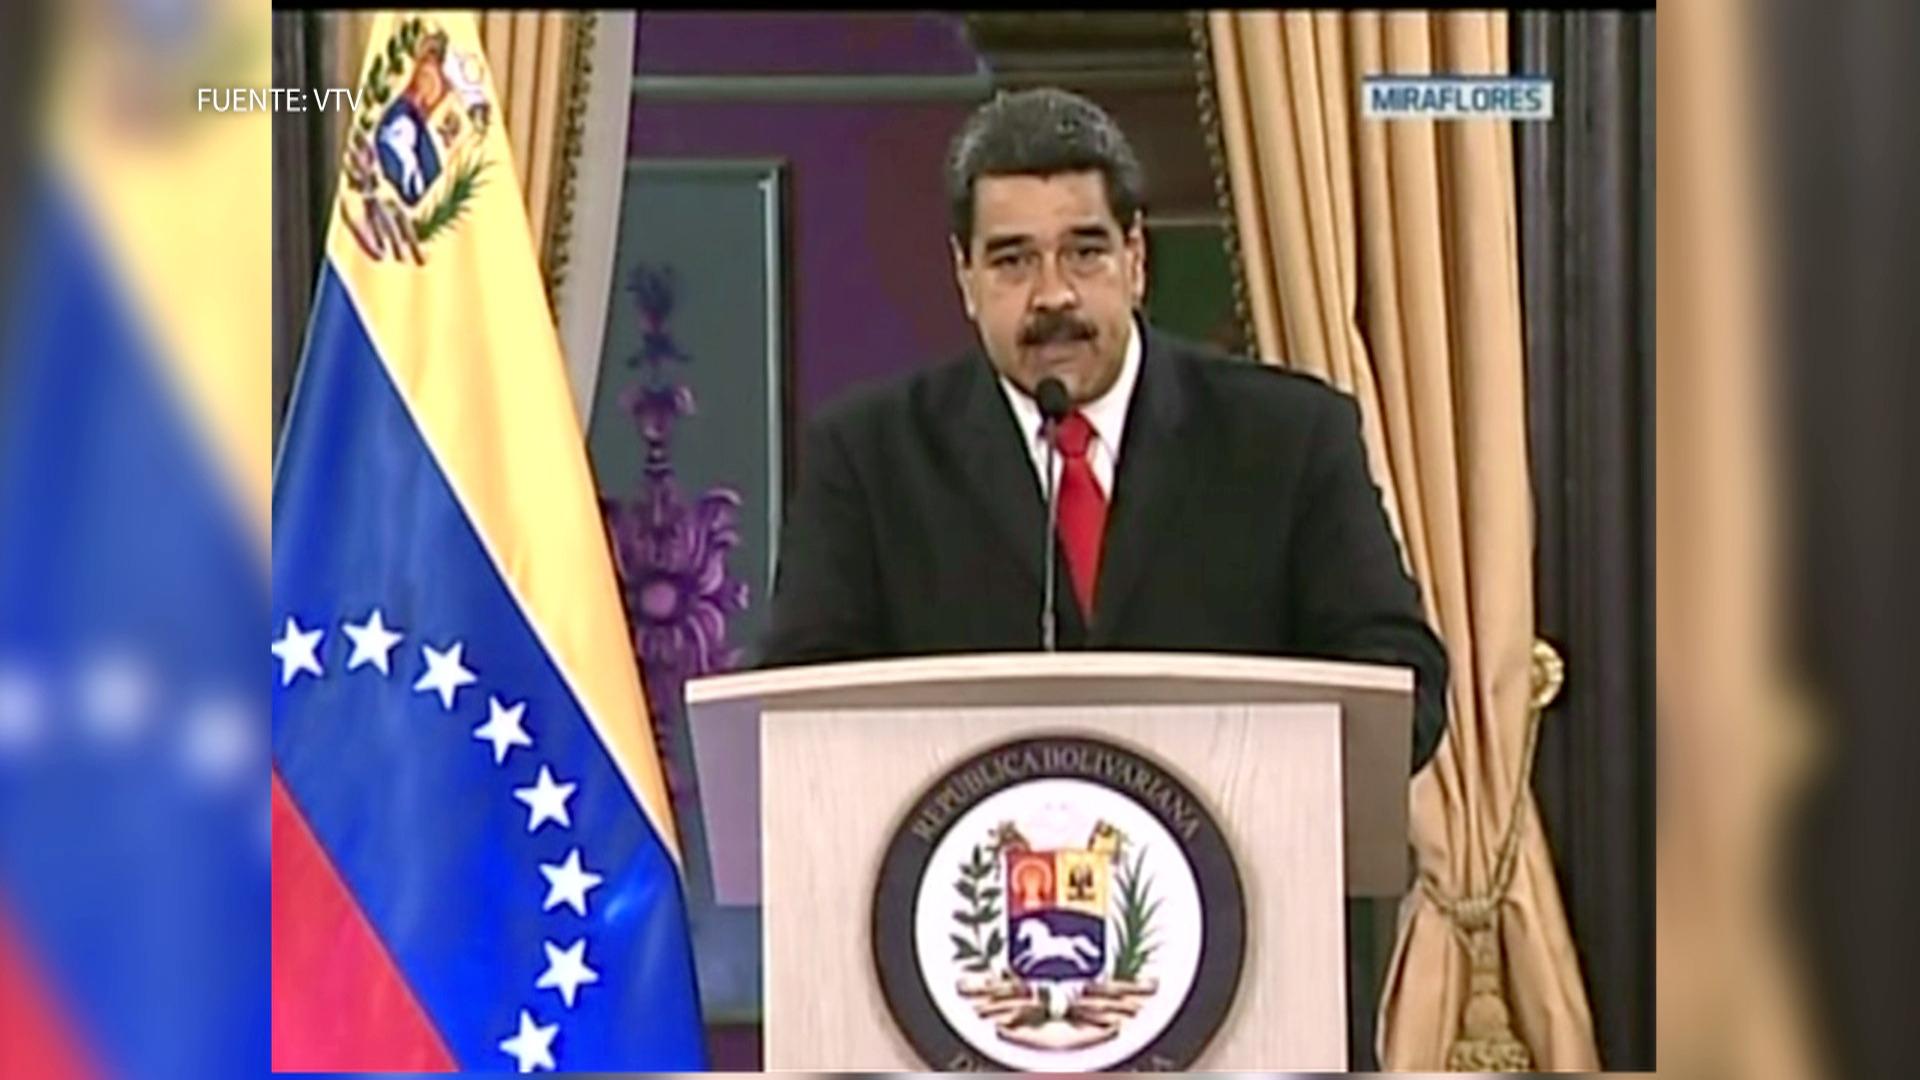 Maduro dio un mensaje a los venezolanos explicando los hechos ocurridos este sábado.